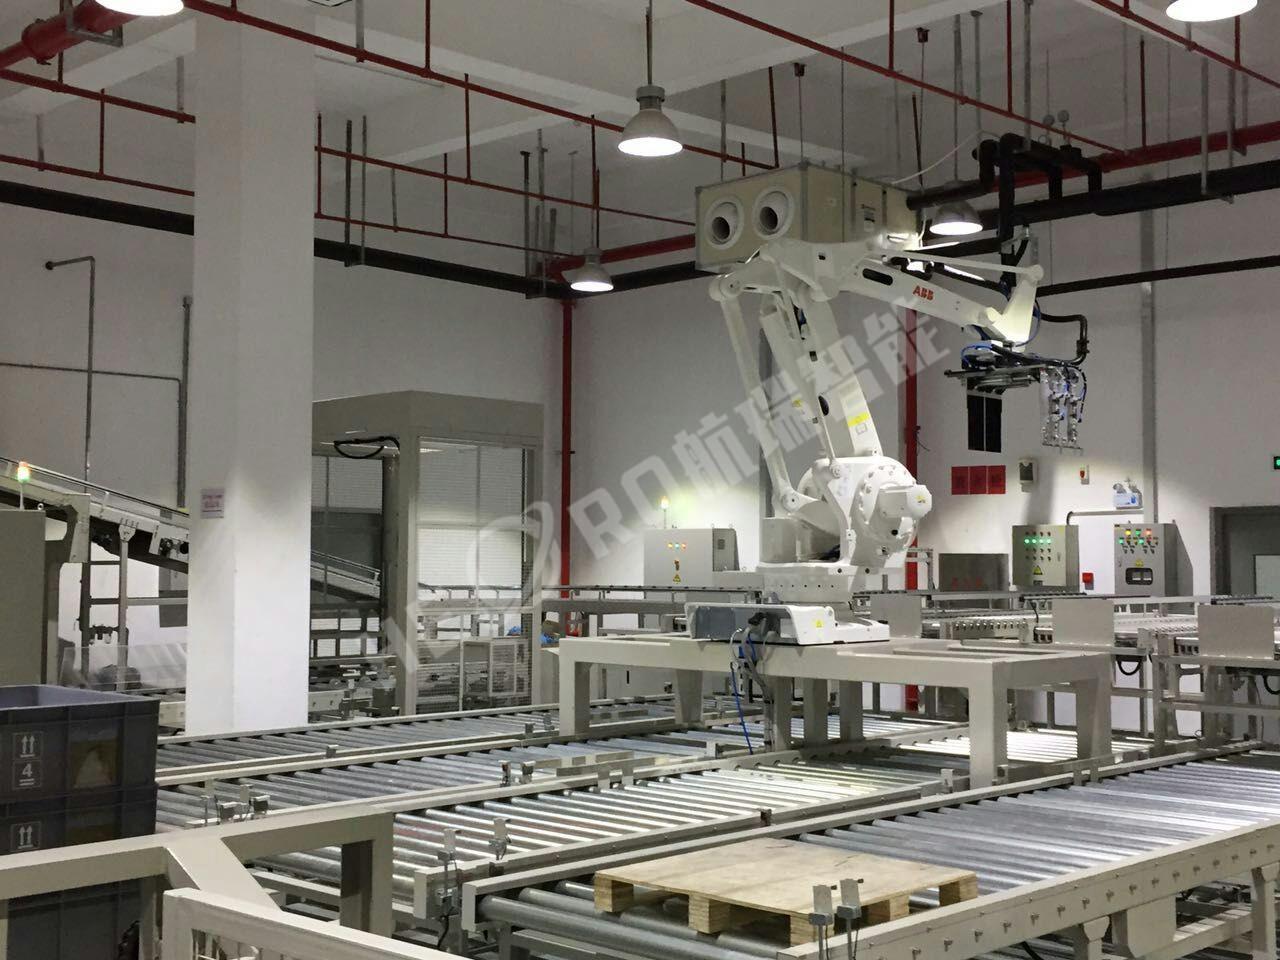 物流公司仓库_物流自动化设备_深圳市航瑞物流自动化有限公司